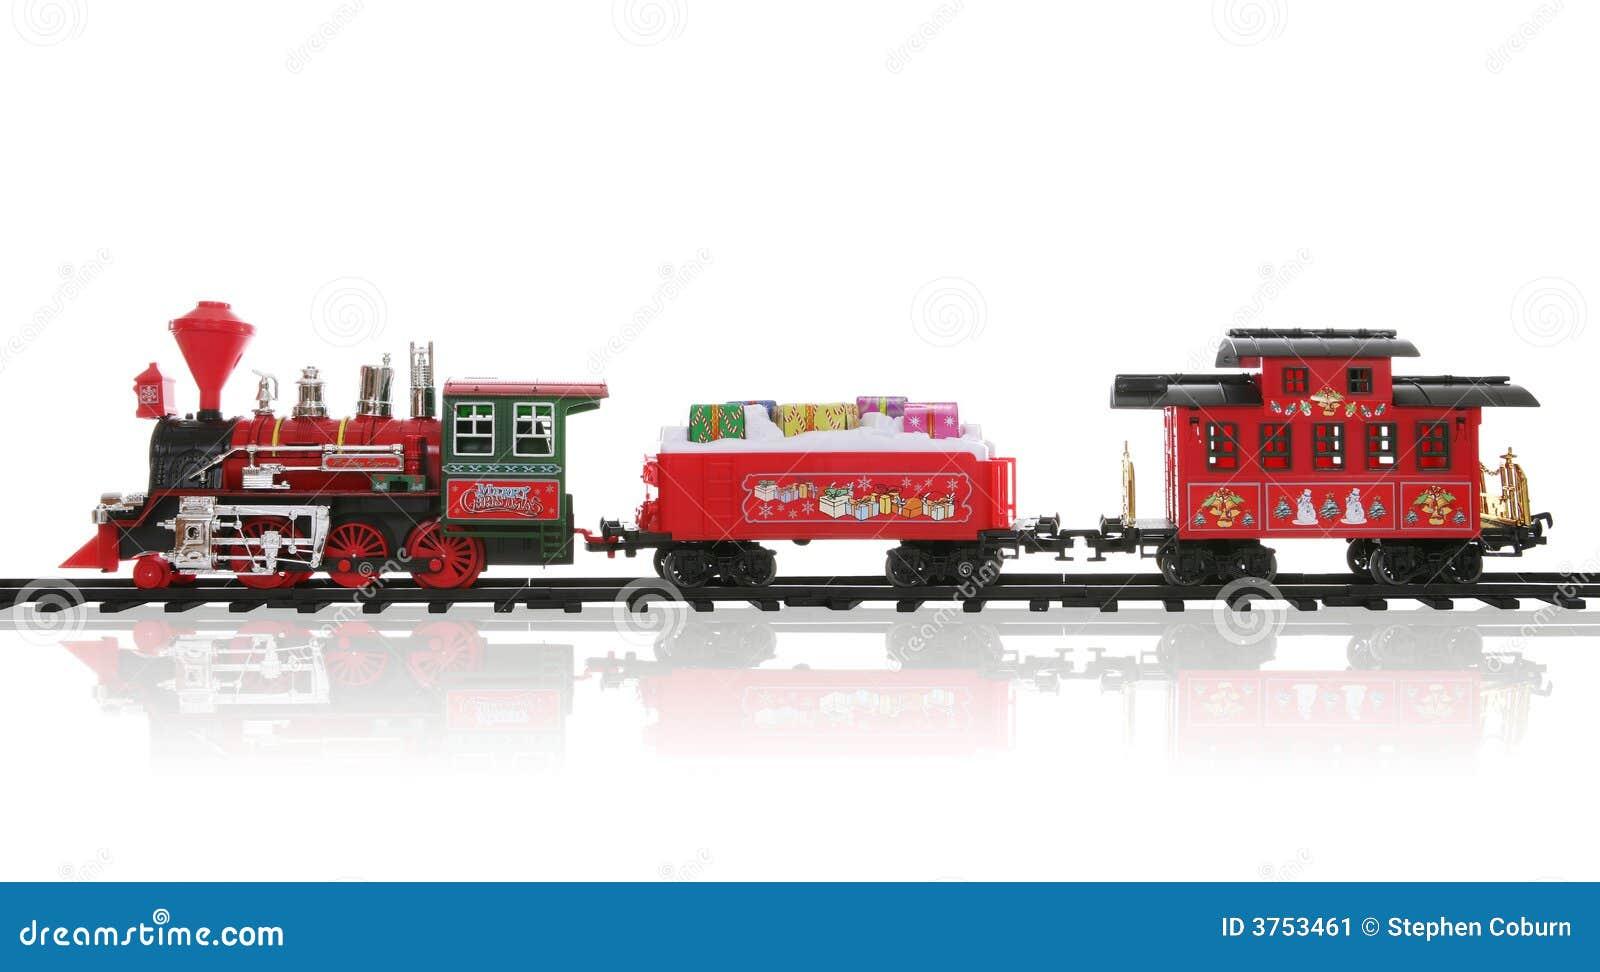 Christmas Train Stock Image - Image: 3753461